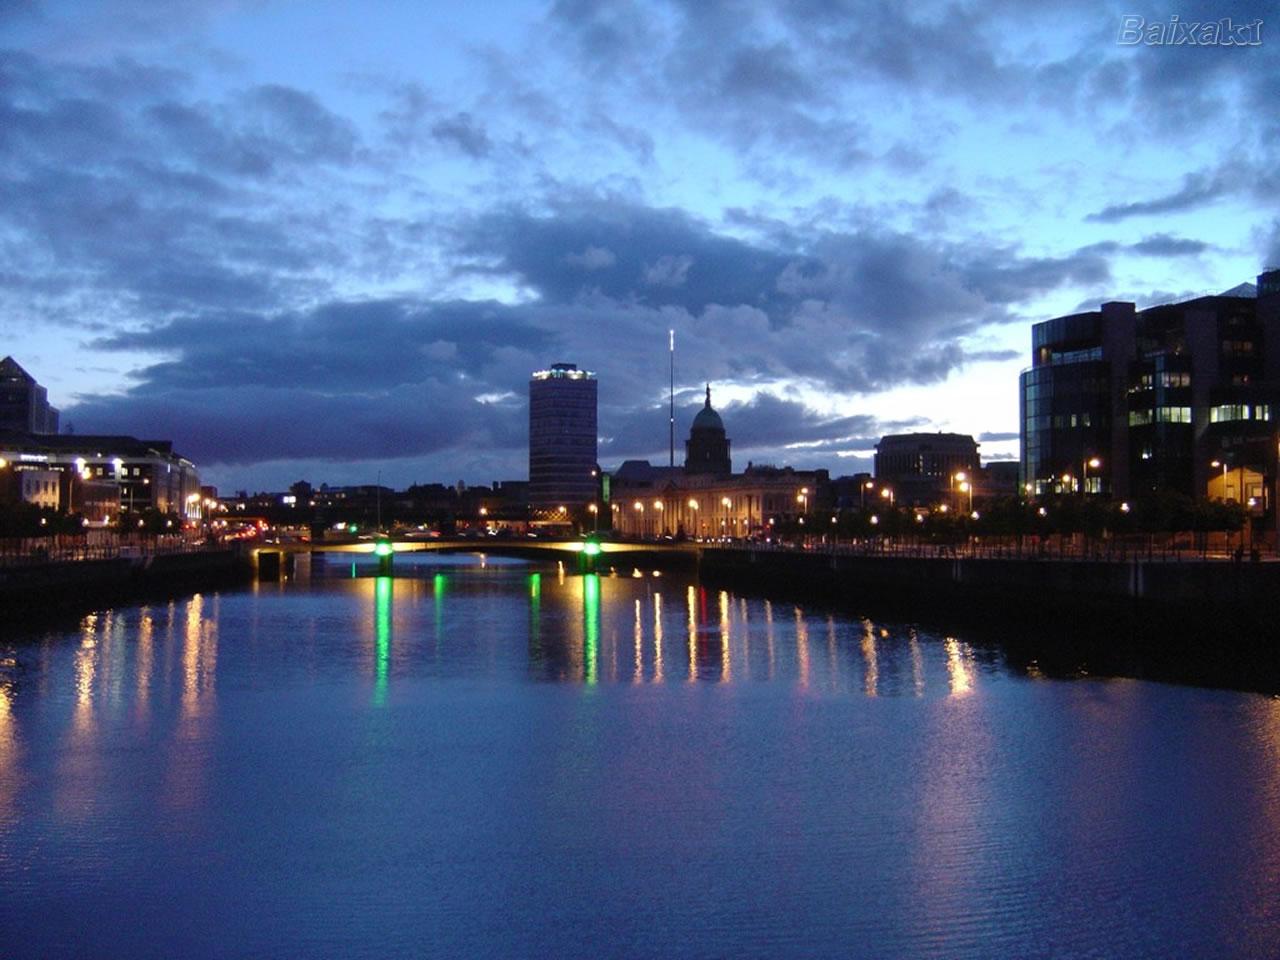 Dublin Ireland Landscape Wallpaper PicsWallpapercom 1280x960